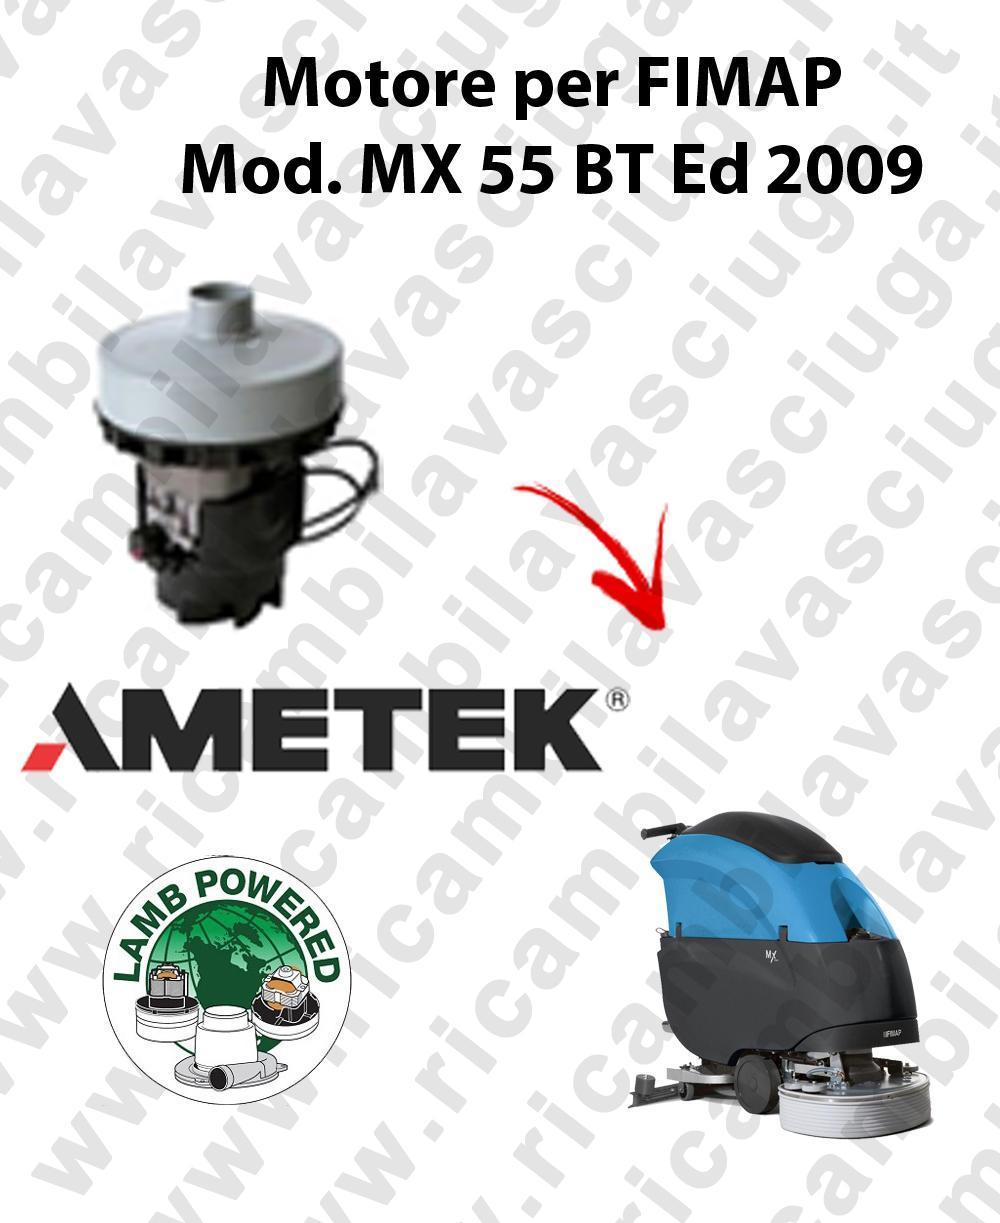 MX 55 BT Ed. 2009 motor de aspiración LAMB AMETEK fregadora FIMAP